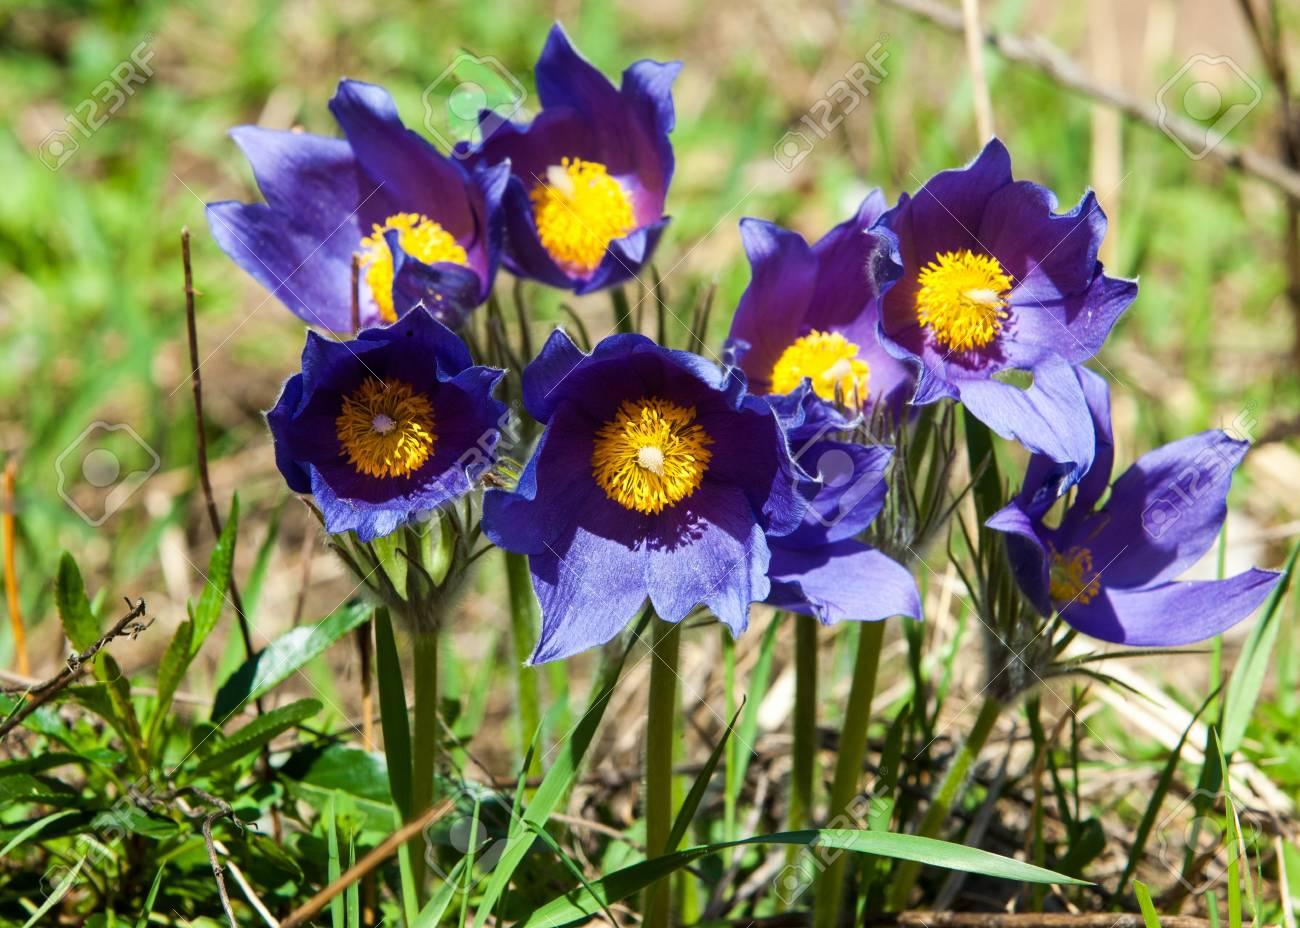 d569877bfb1c Pasque Flower